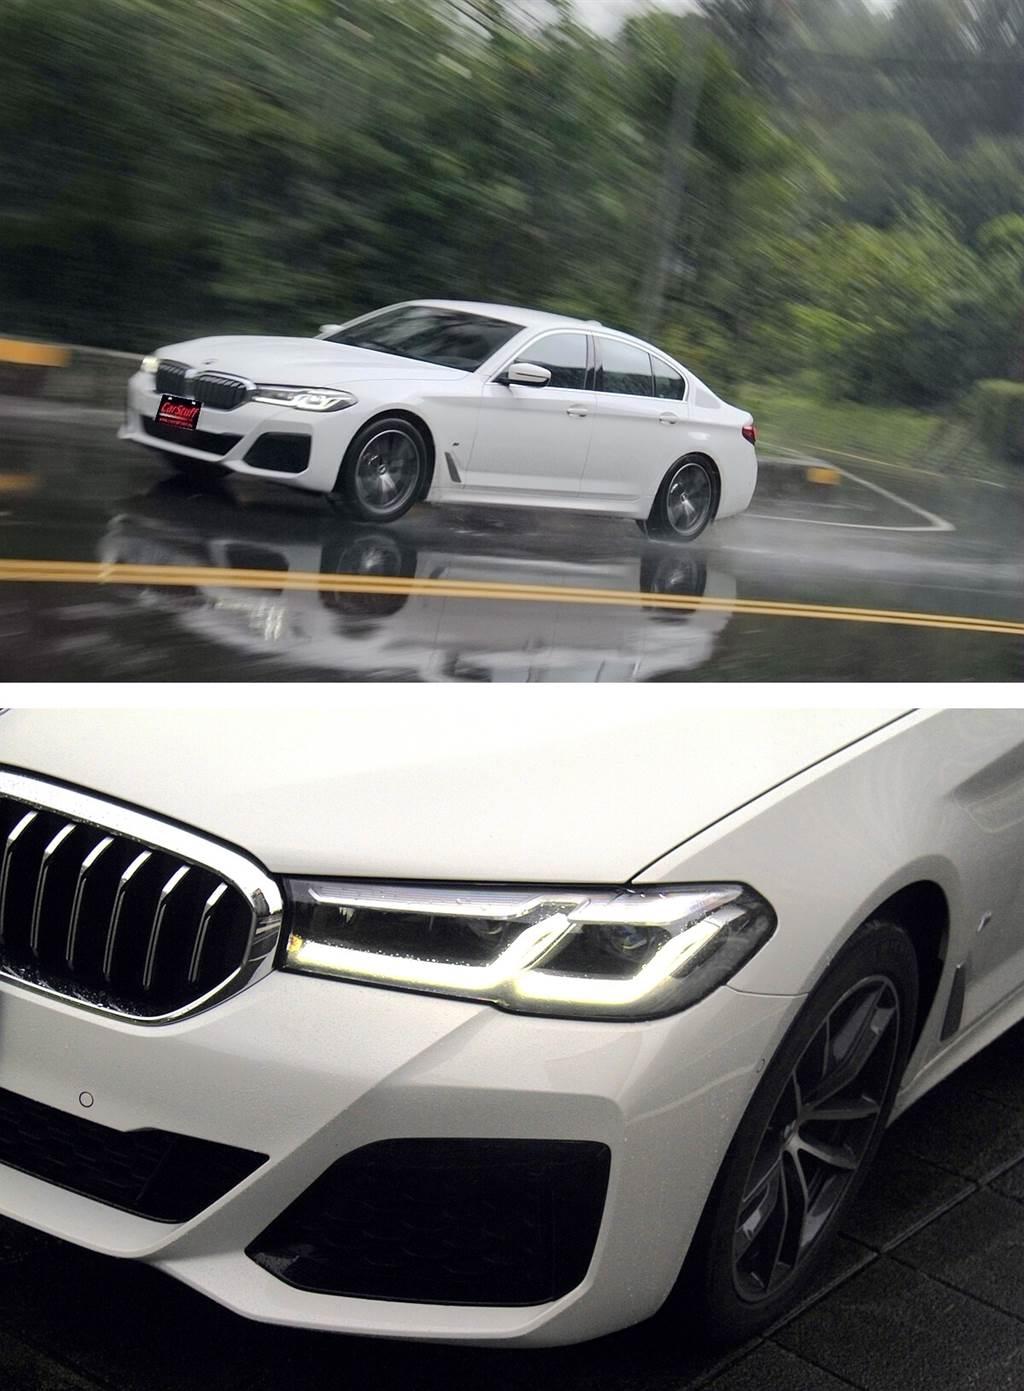 外觀設計以運動優雅和更簡約的設計為主題,有著寬大且前後緊緻短懸的設計,醒目的BMW腎形格柵看起來是維持原本的比例,沒有仿造七系列的大鼻孔,但仍然有稍微加大並採用了新的八角形輪廓,而新的頭燈和尾燈則明顯來自七系列的細條L型日行燈設計,再次使5系散發出不同的視覺衝擊。